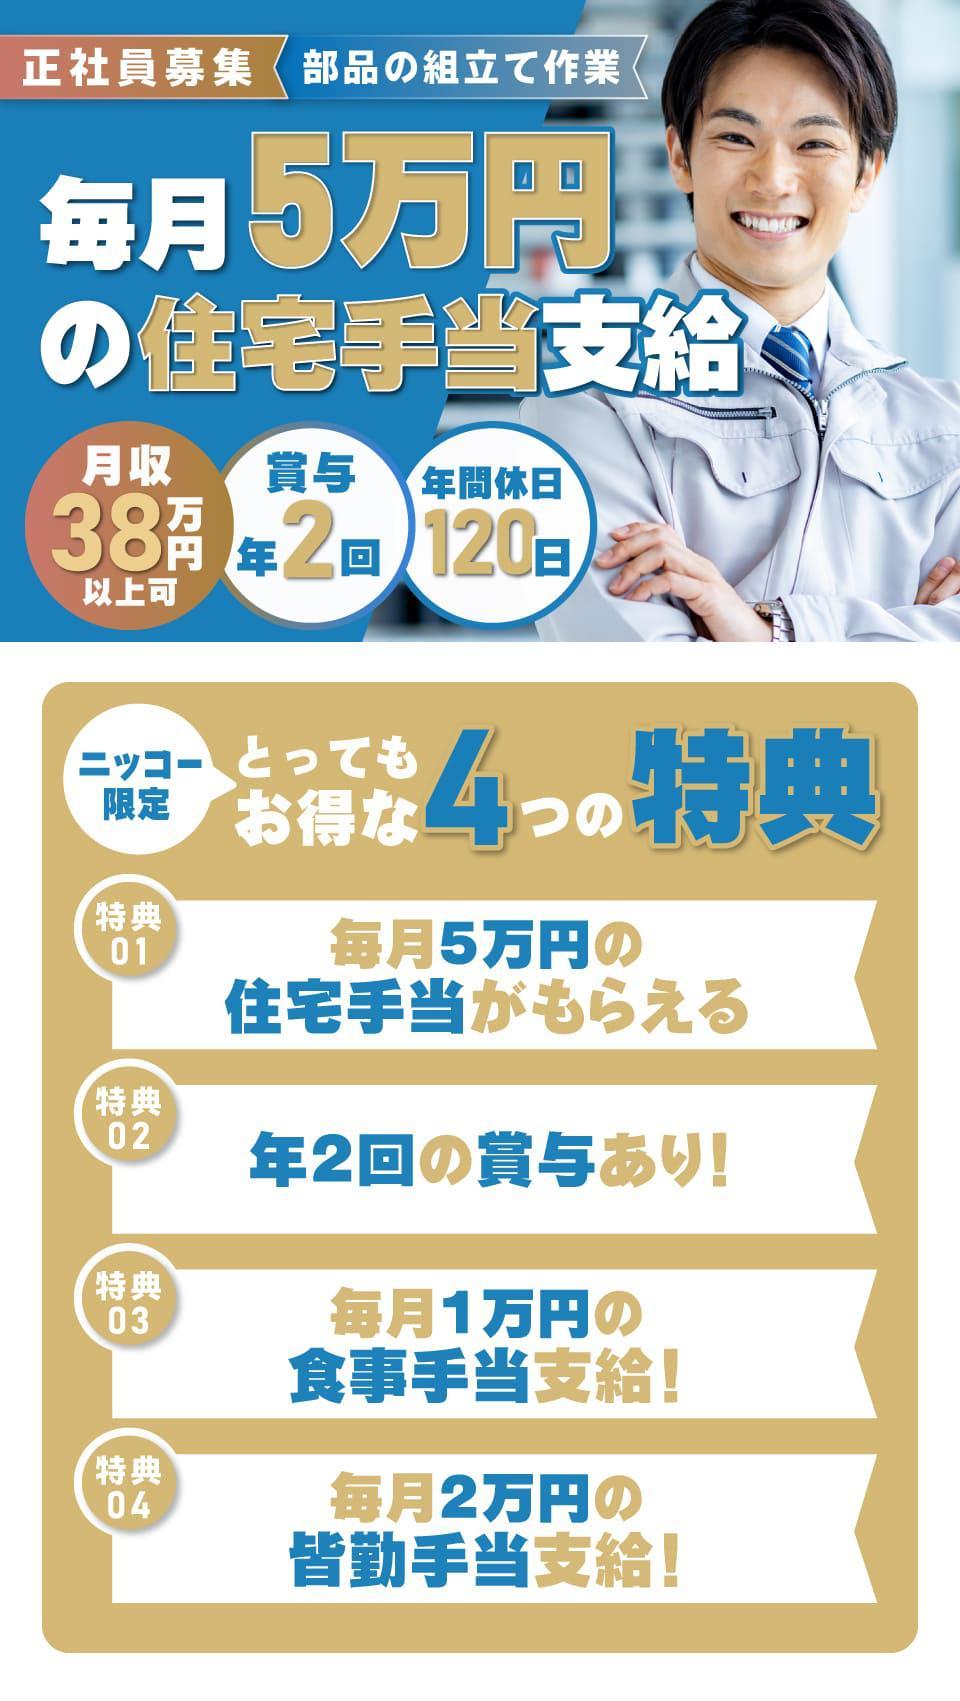 毎月5万円の住宅手当支給